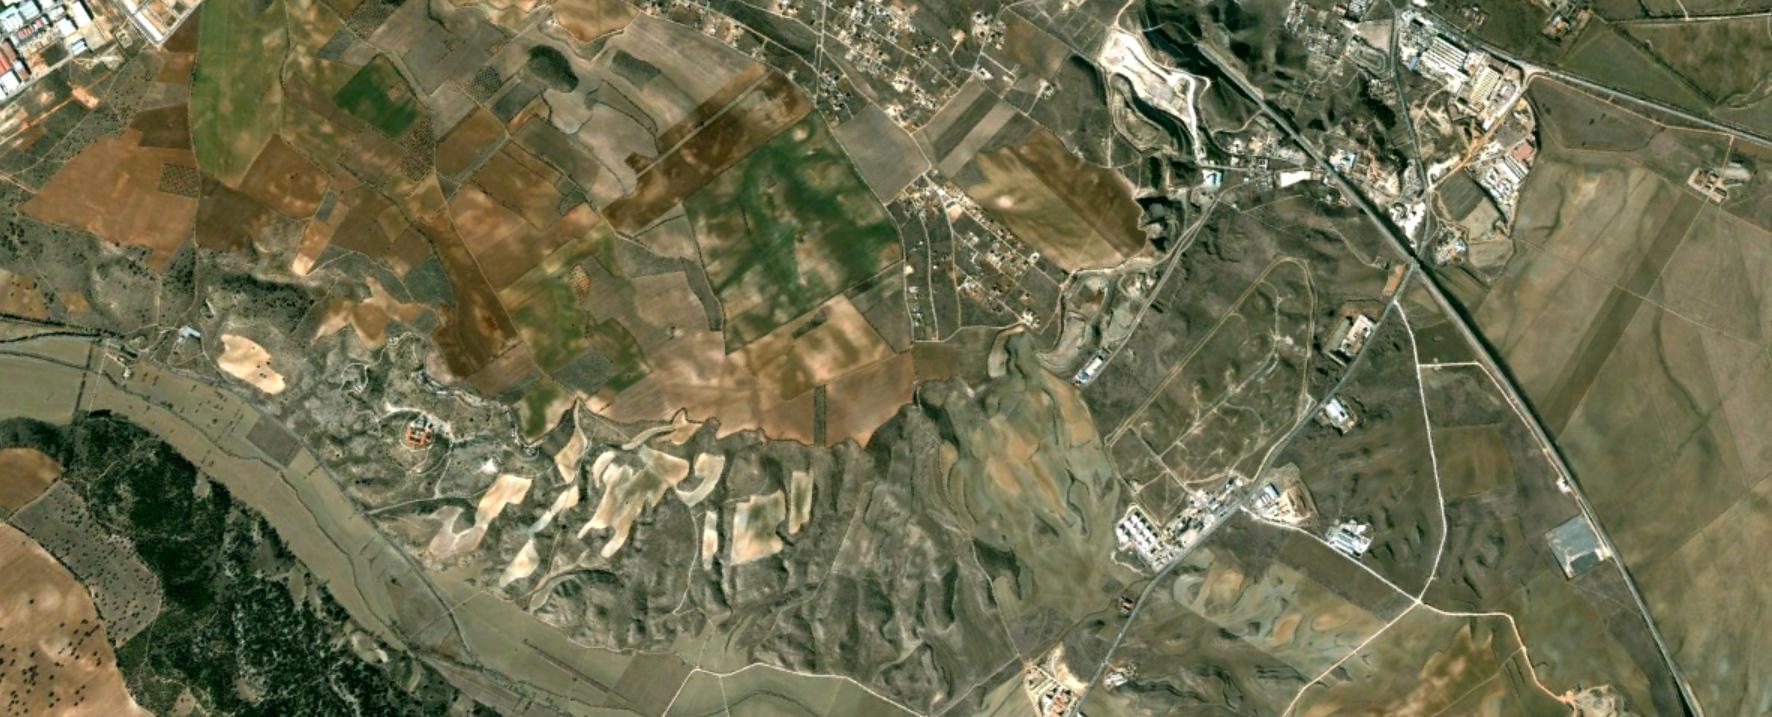 M-203, mejordad del campo, madrid, las cosas de la ferro, antes, urbanismo, planeamiento, urbano, desastre, urbanístico, construcción